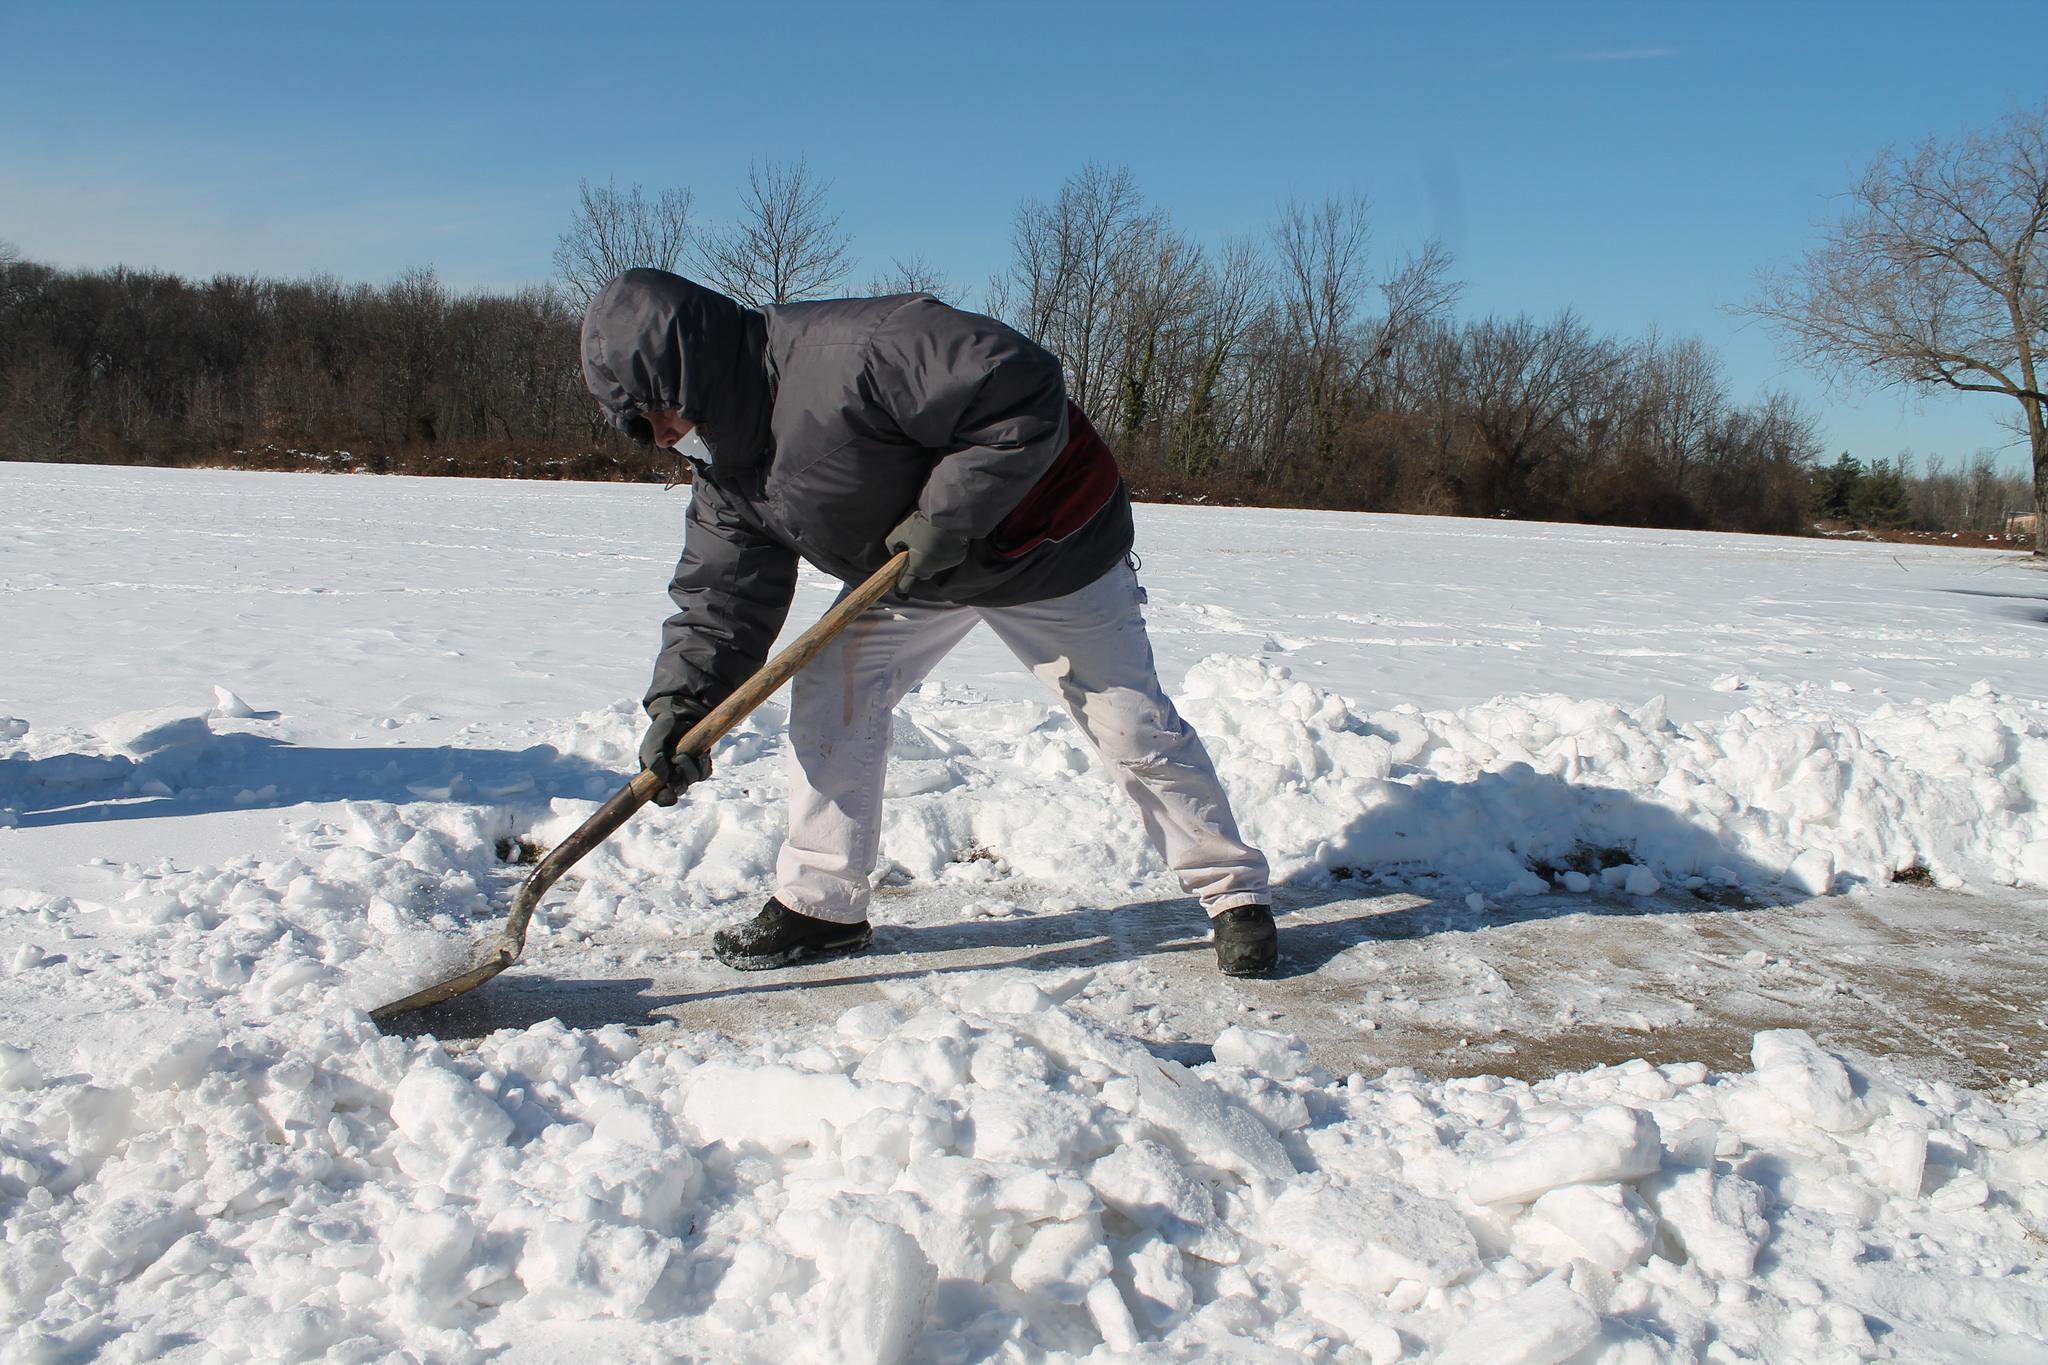 Shoveling snow. (Credit: Elvert Barnes/Flickr/File Photo)